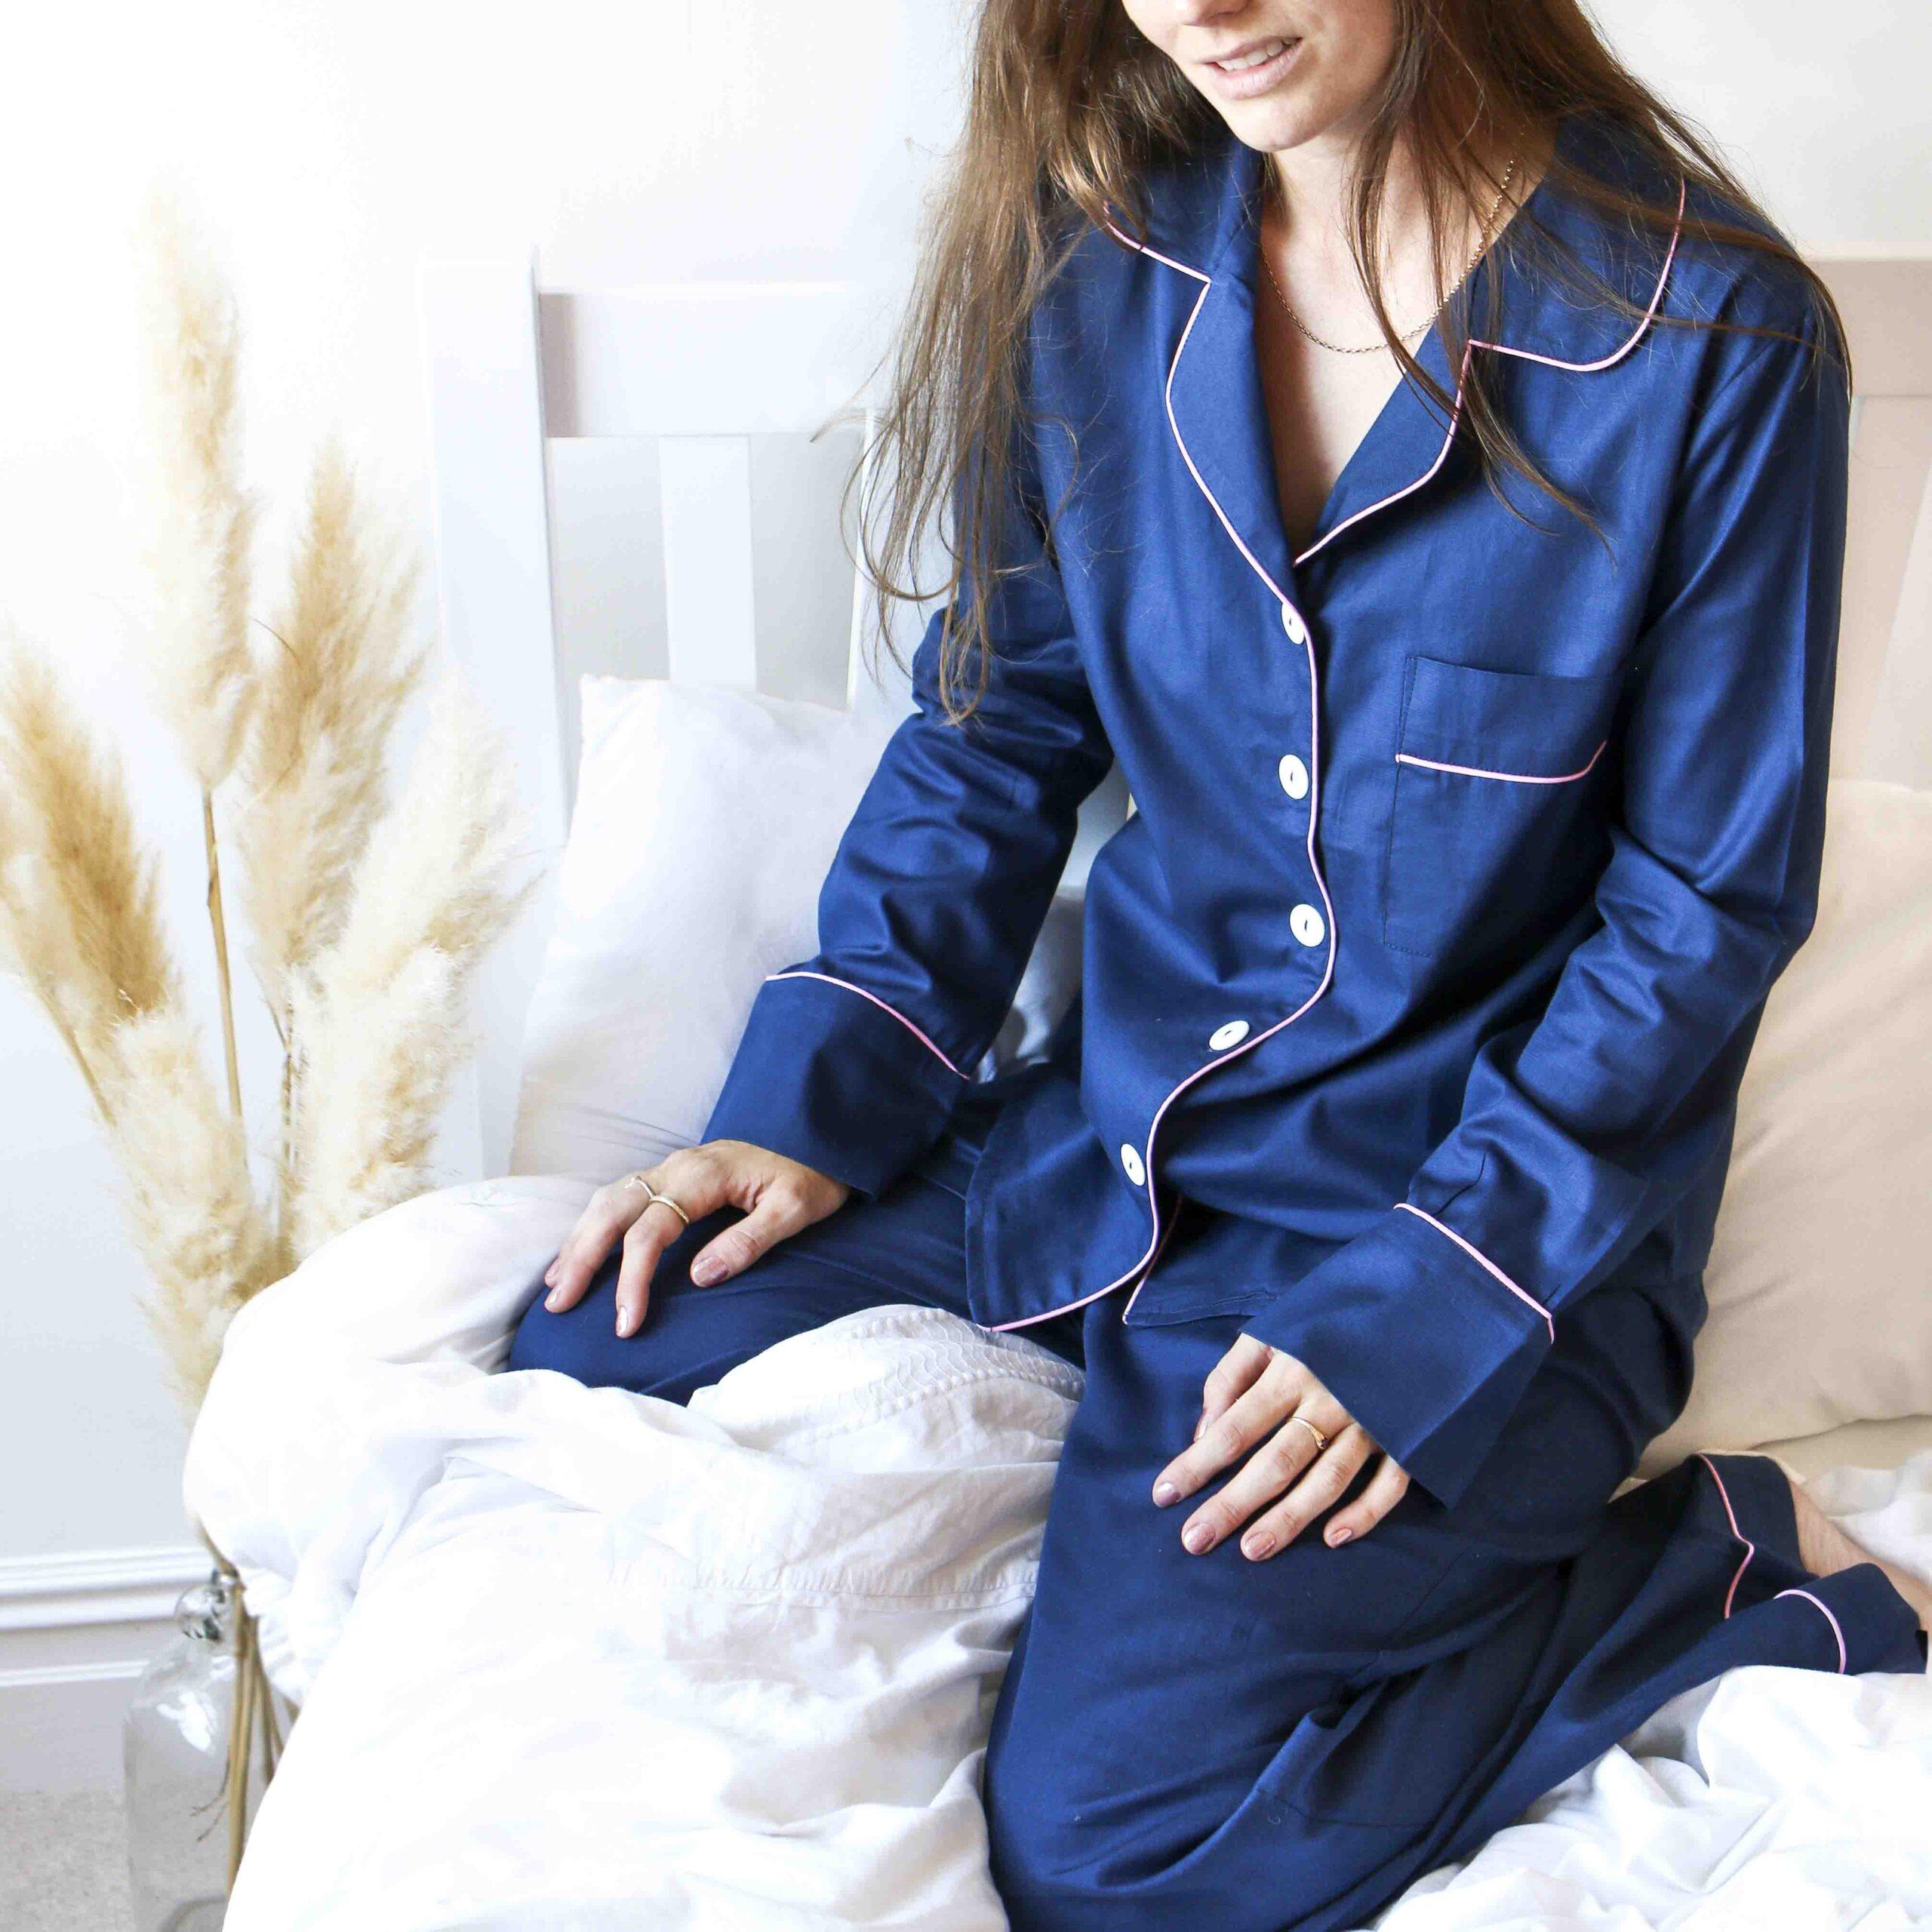 Blue Pyjamas 2020 Photo